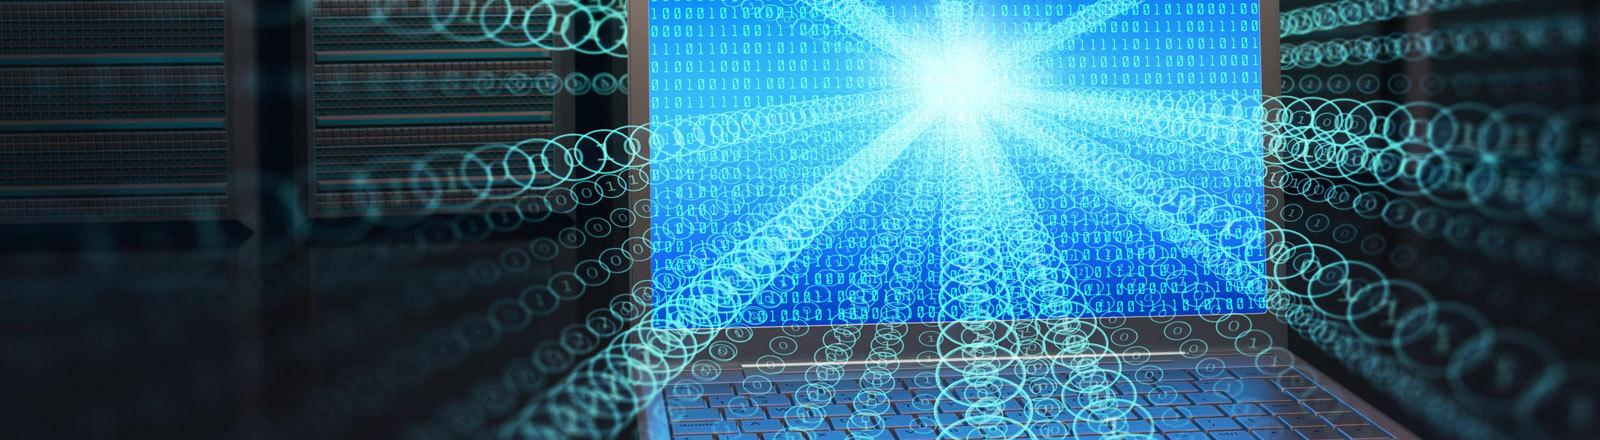 Ein Computer, der symbolhaft viele Daten in alle Richtungen überträgt.